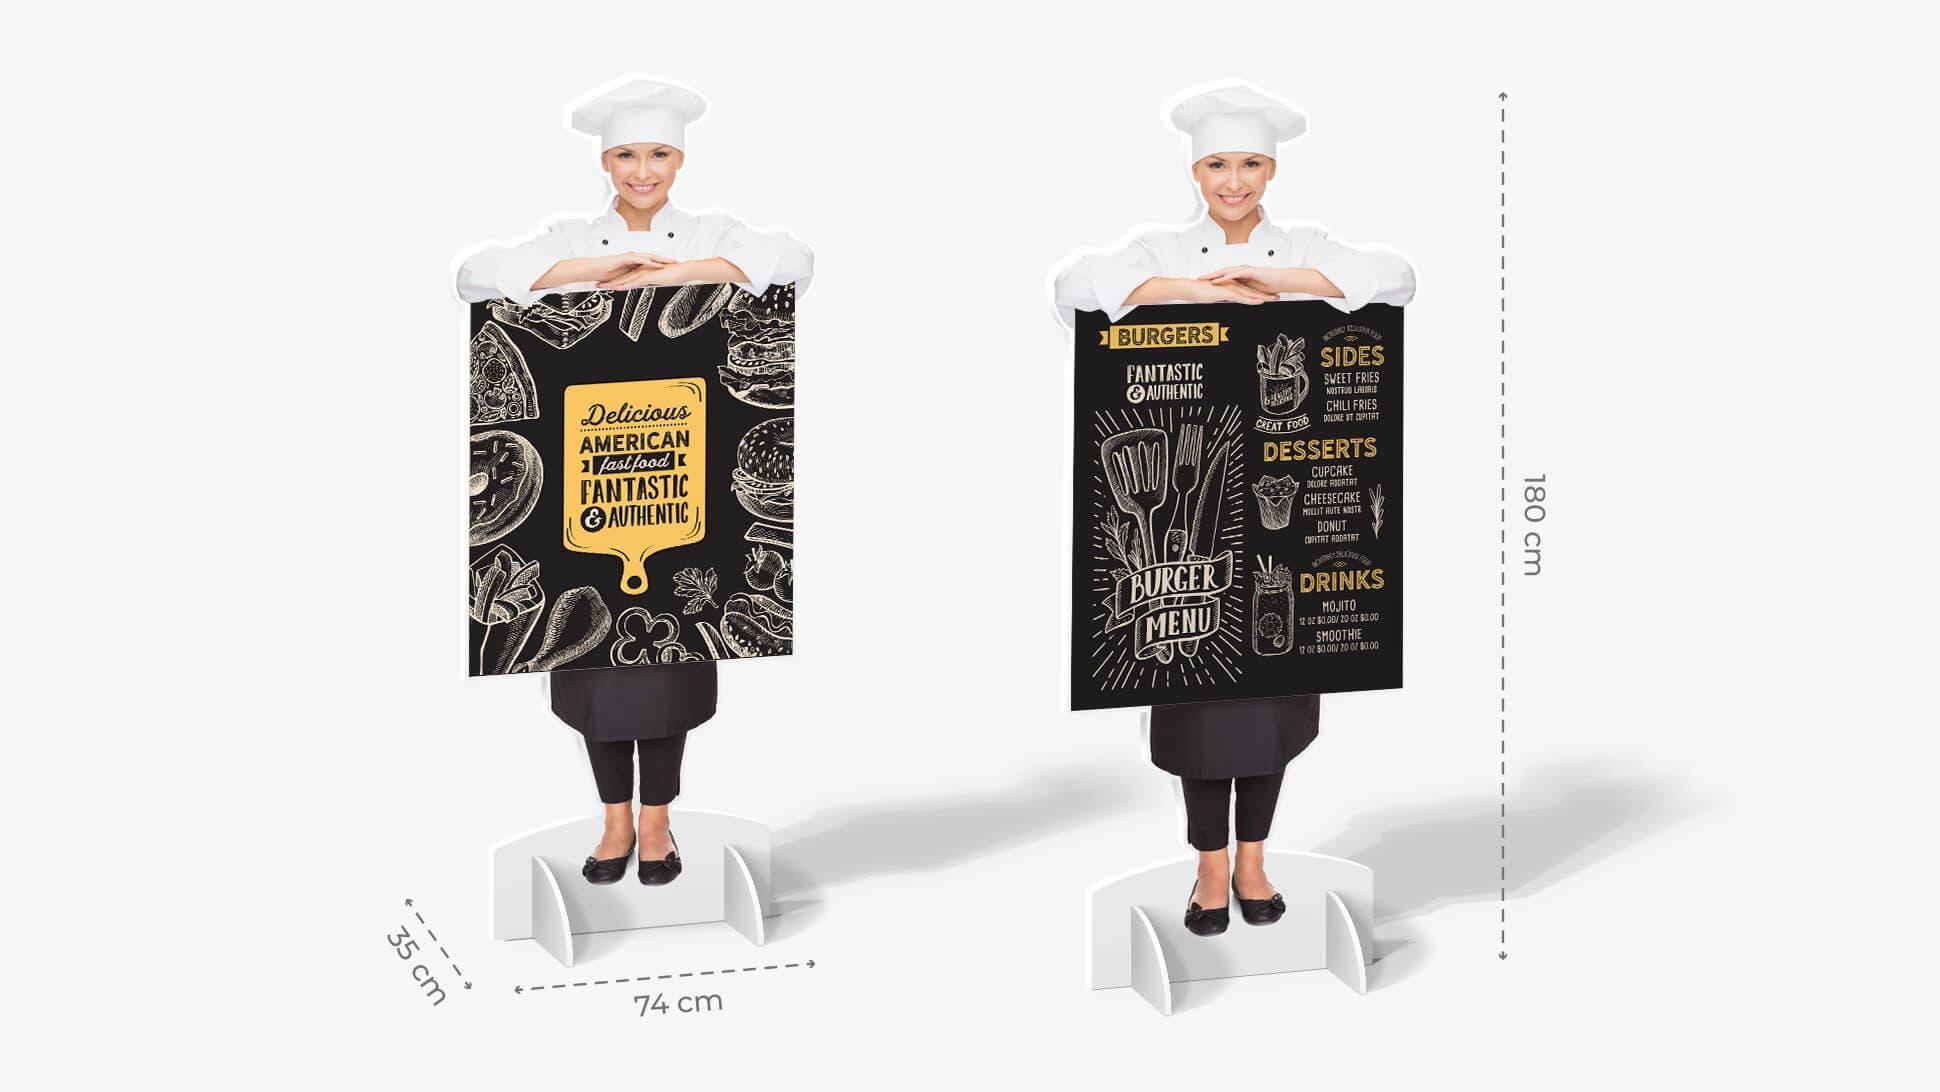 Sagome prestampate autoportanti in laminil con cuoca e grafica   tictac.it